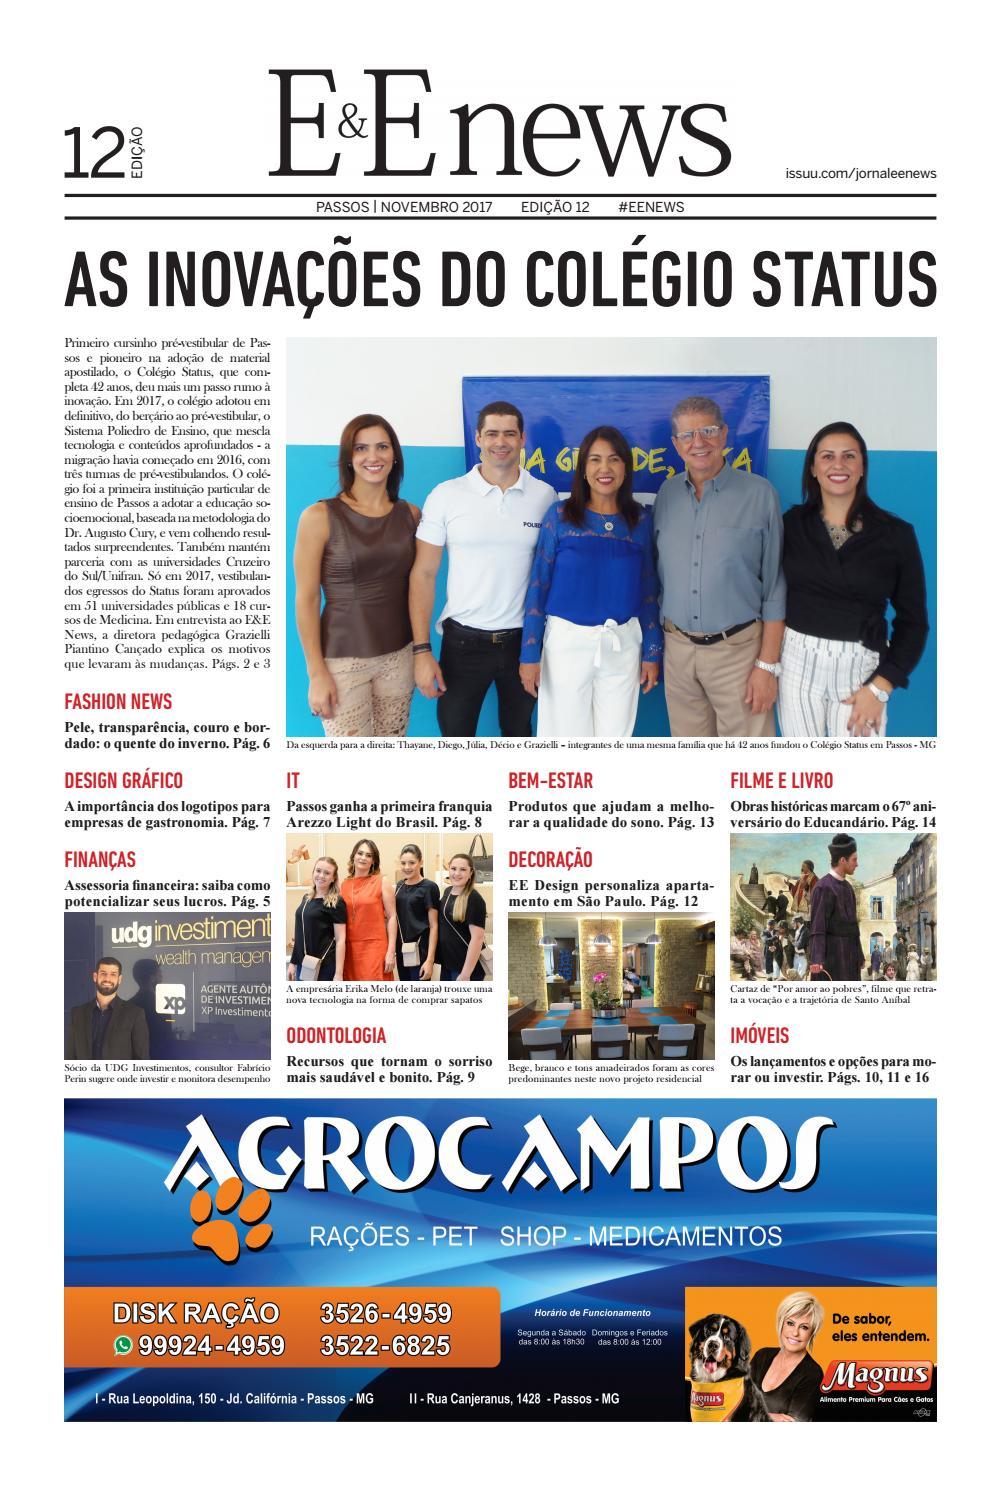 JORNAL E E NEWS EDIÇÃO 12 by JORNAL E E NEWS - issuu d91c6dde6175f